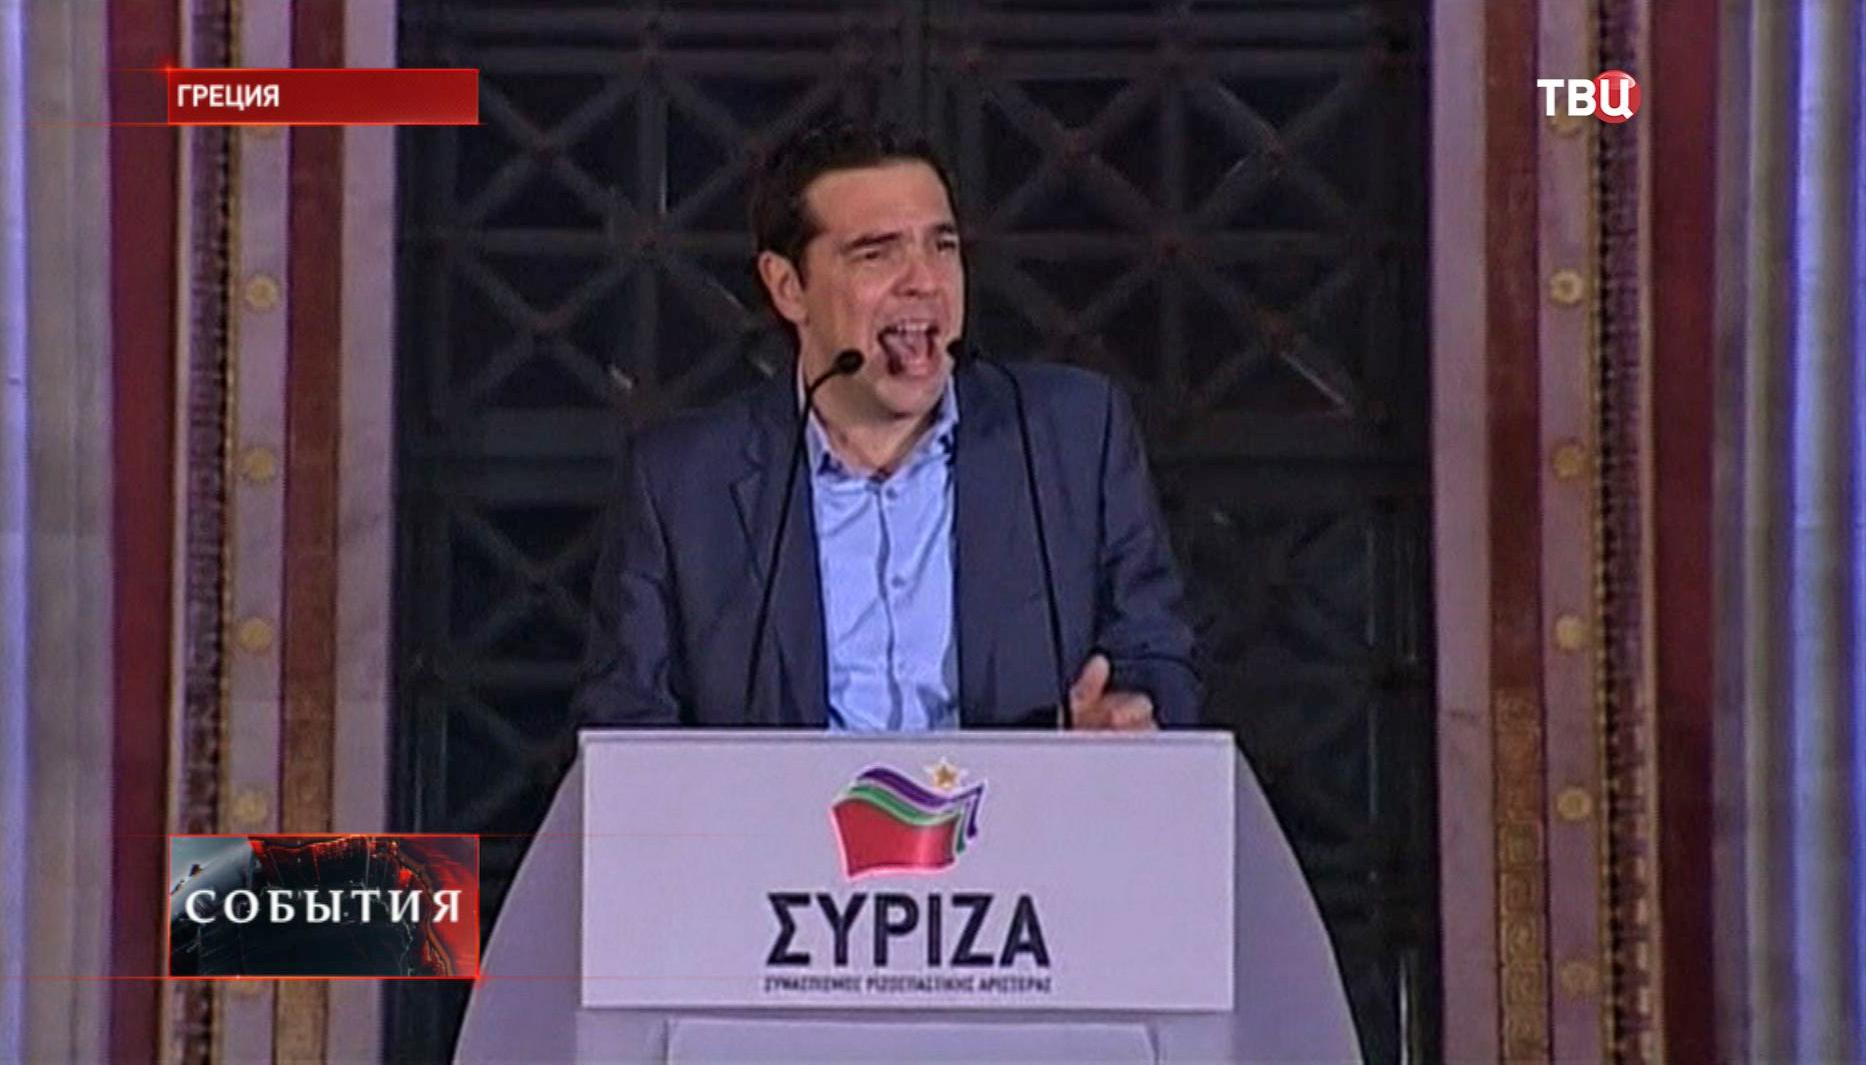 Лидер партии СИРИЗА Алексис  Ципрас